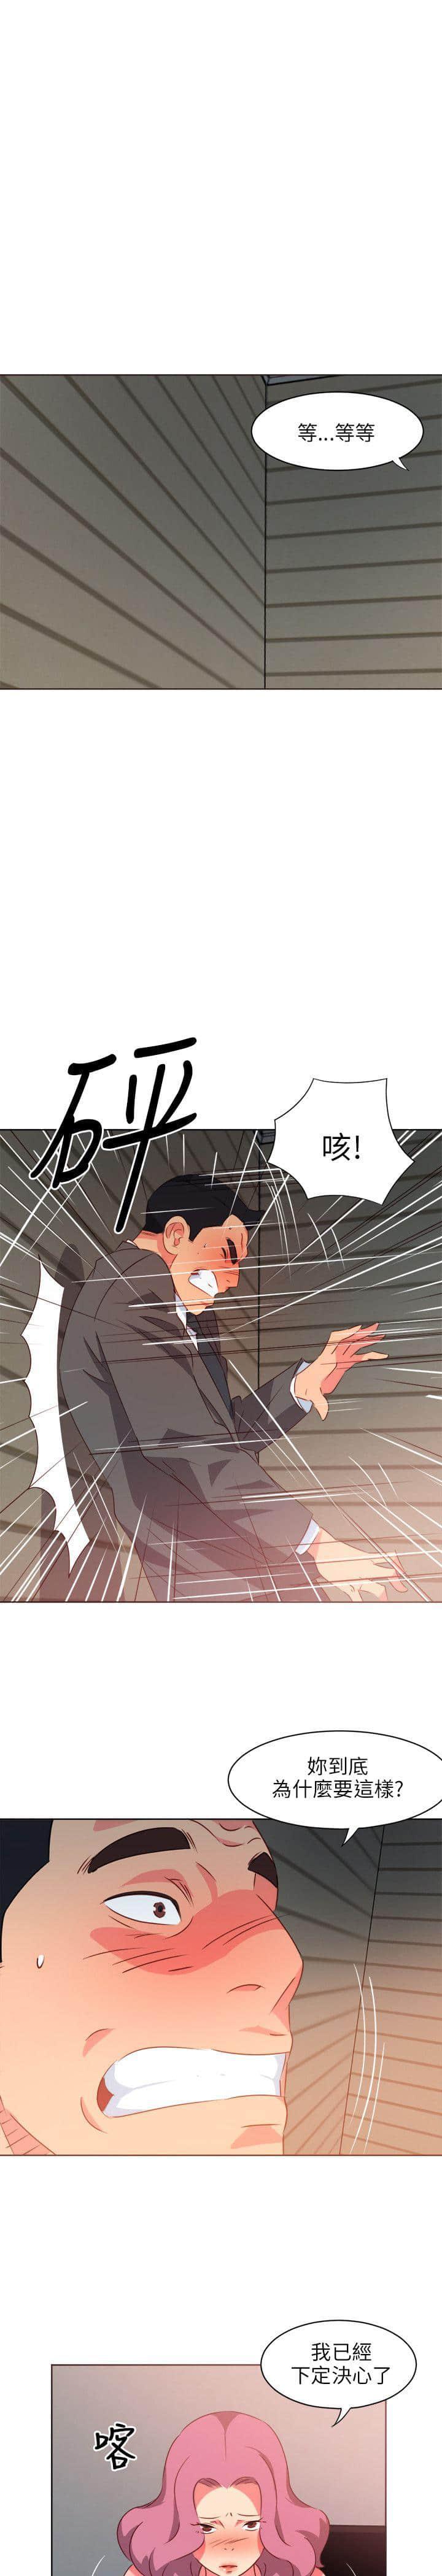 叶罗丽精灵梦第八季漫画第九话2021日本漫画